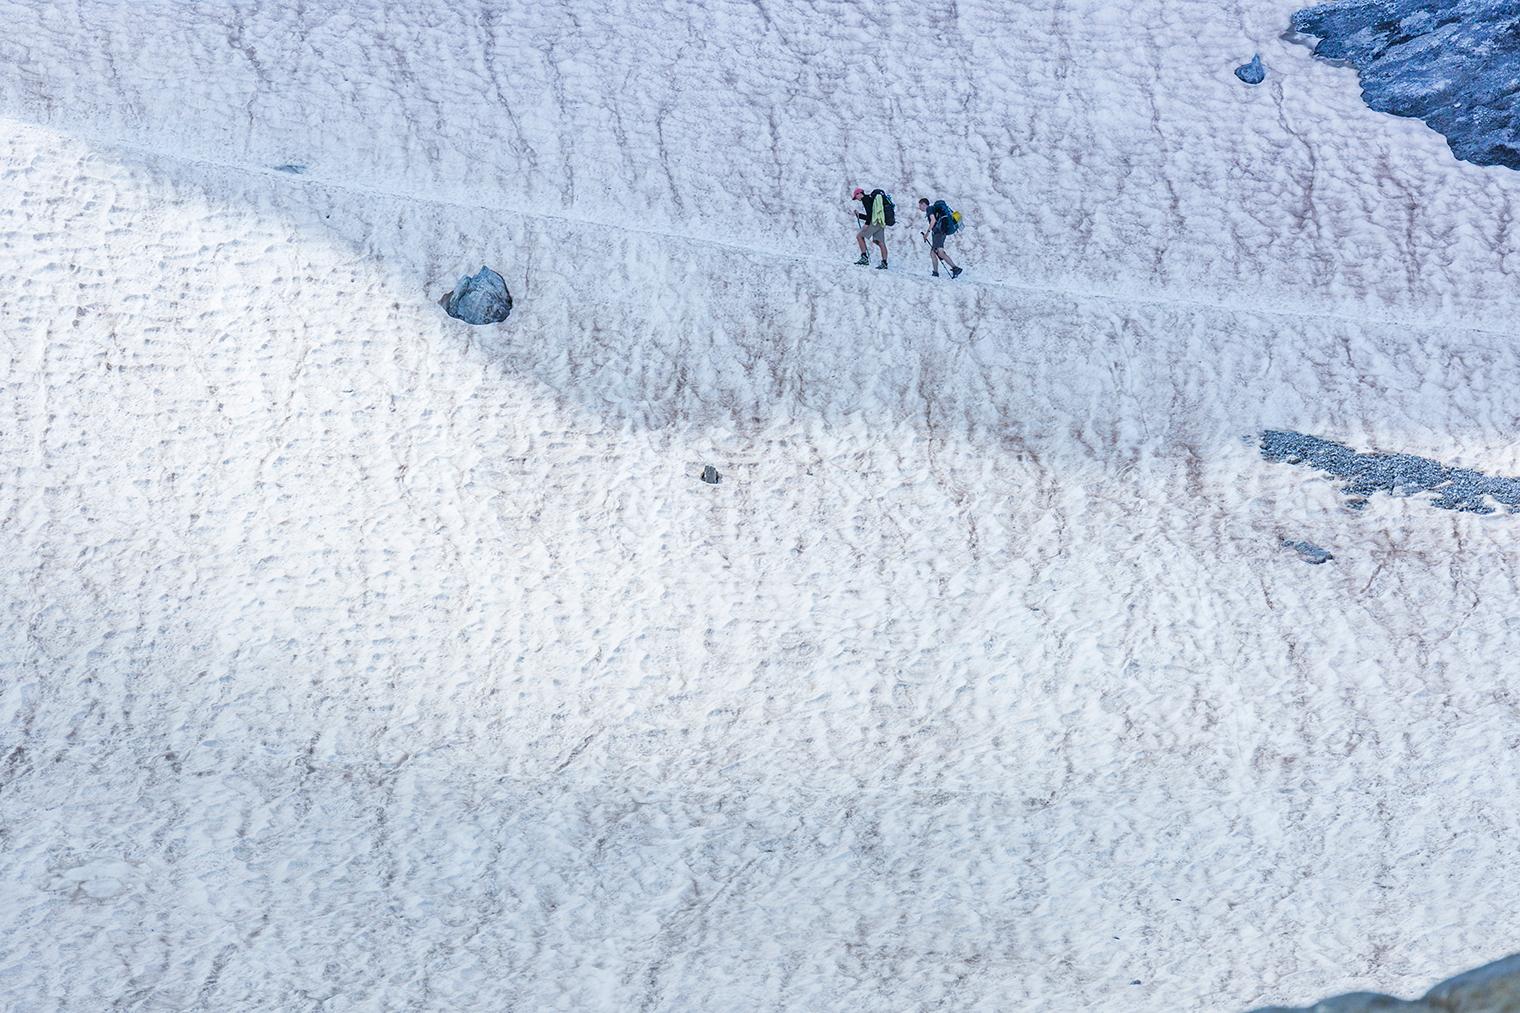 Dos ruteros cruzando una montaña nevada